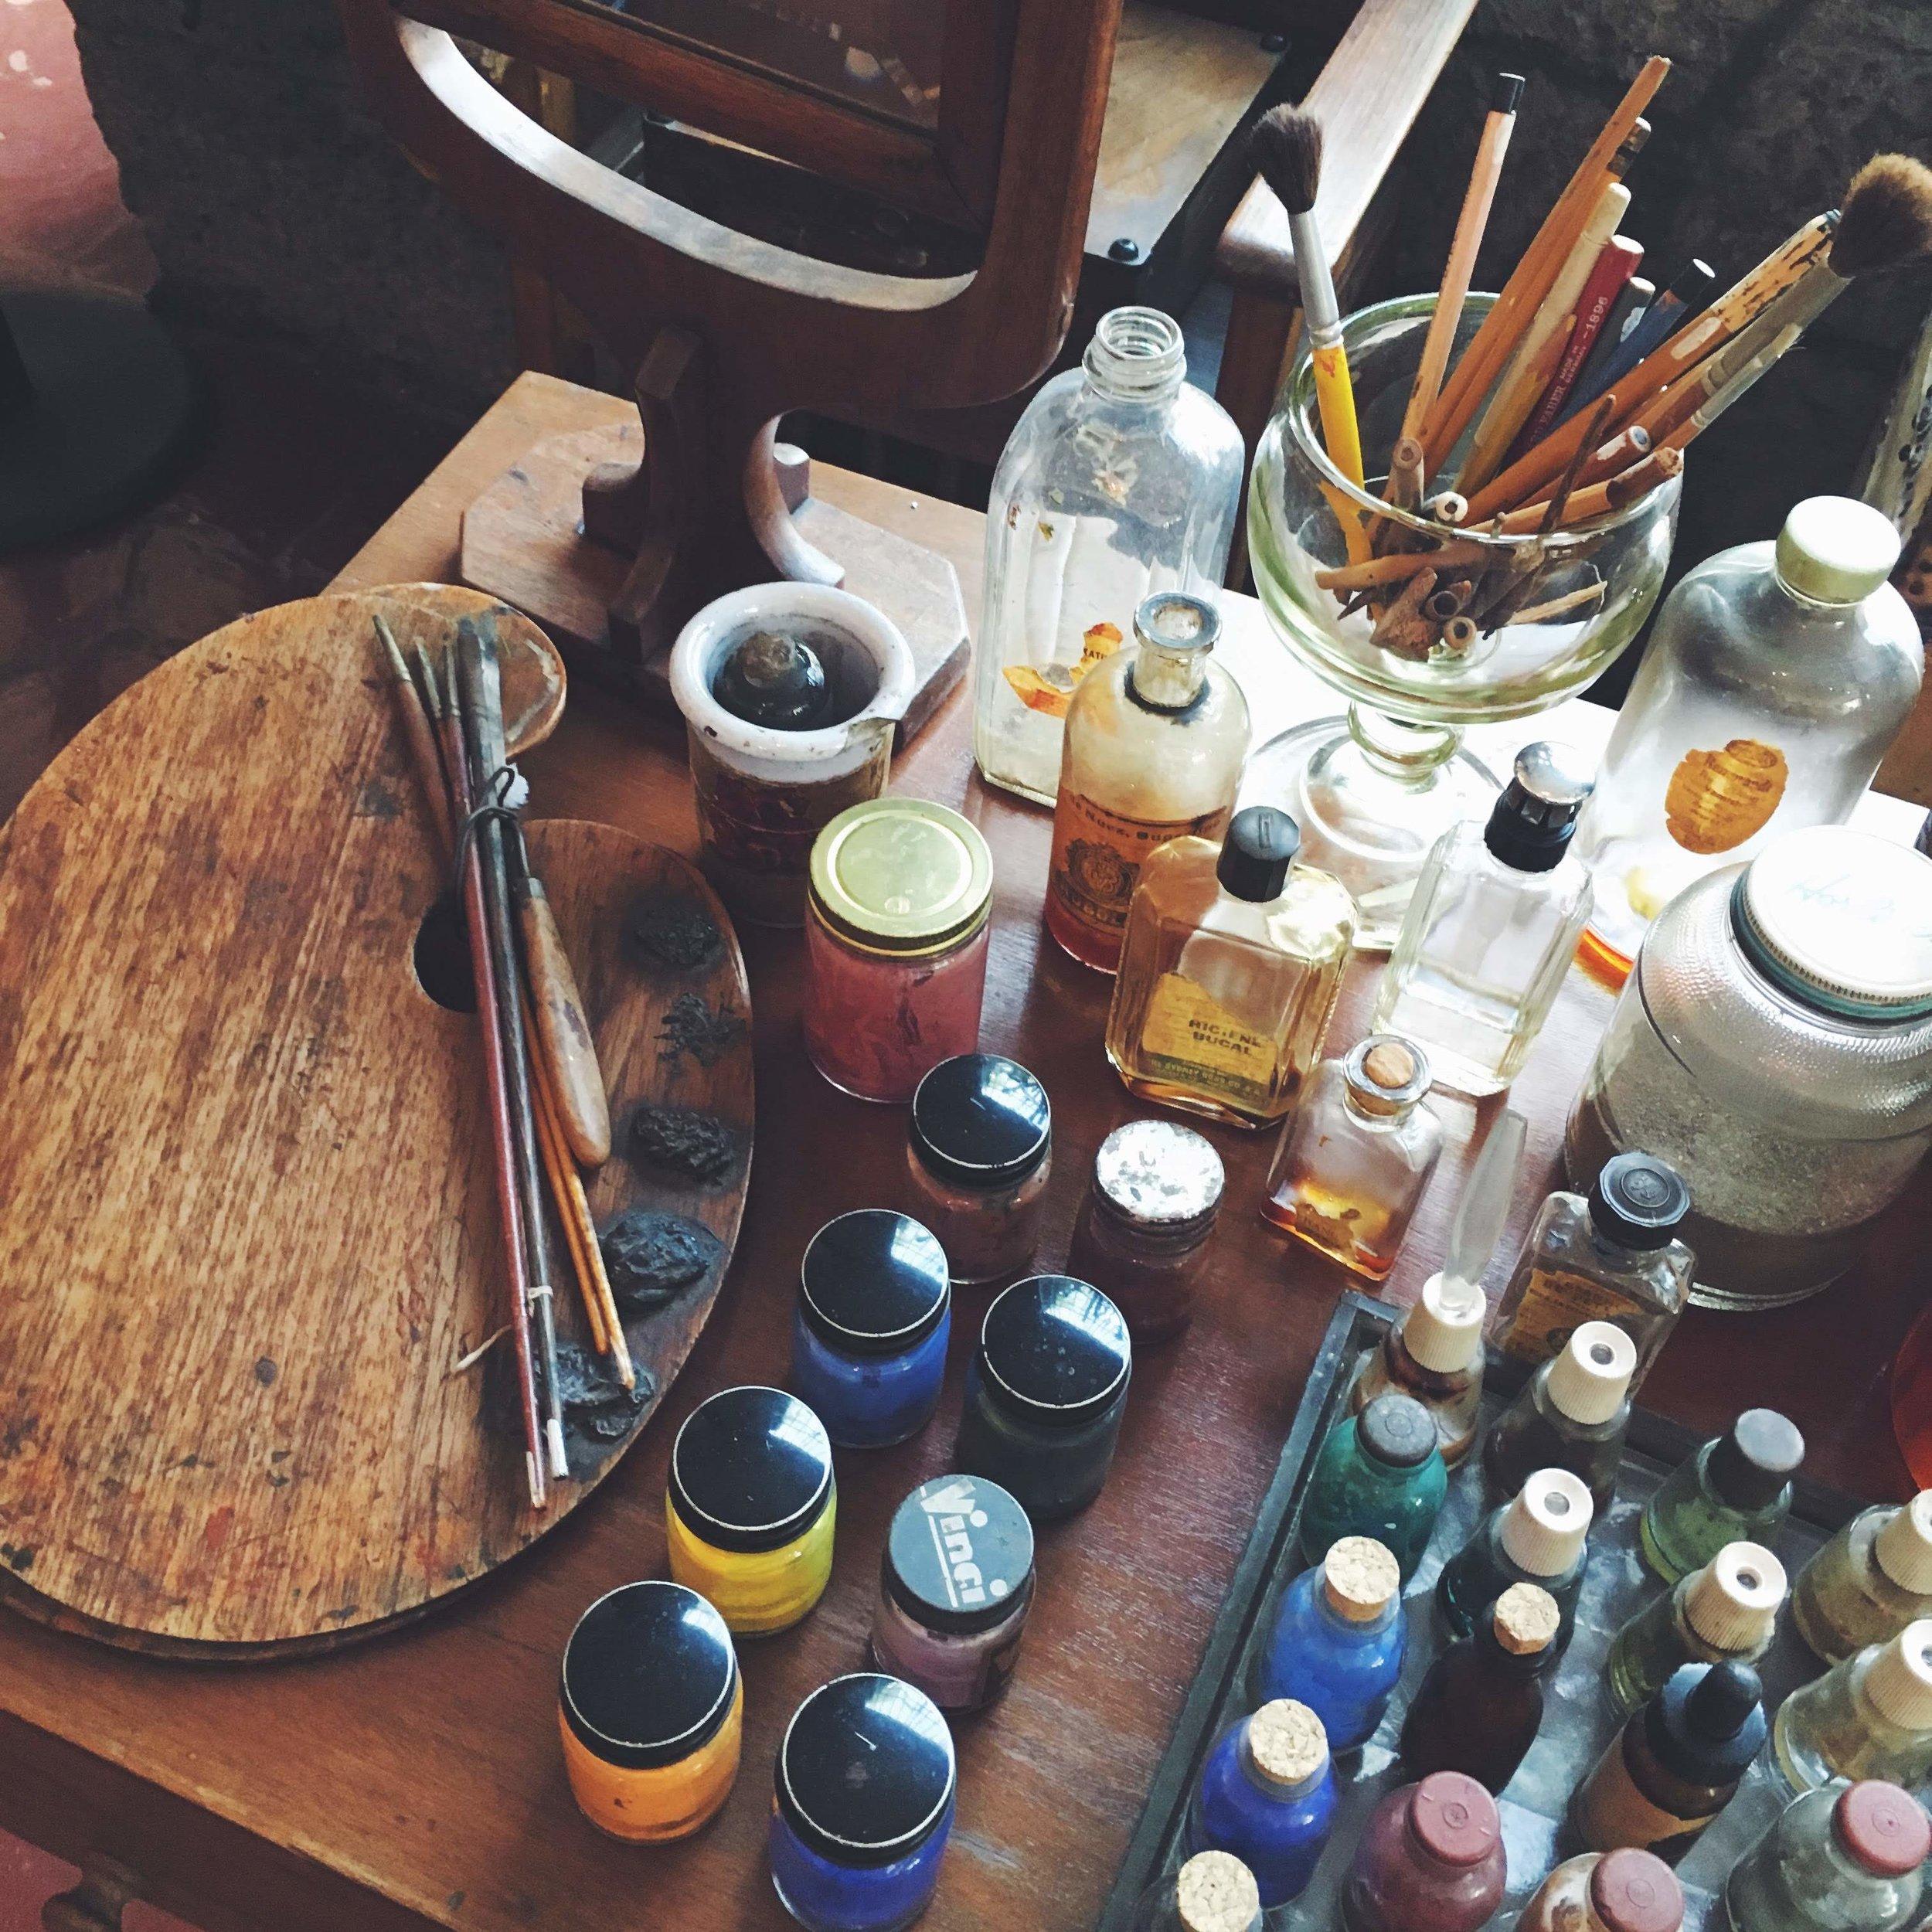 Frida's studio